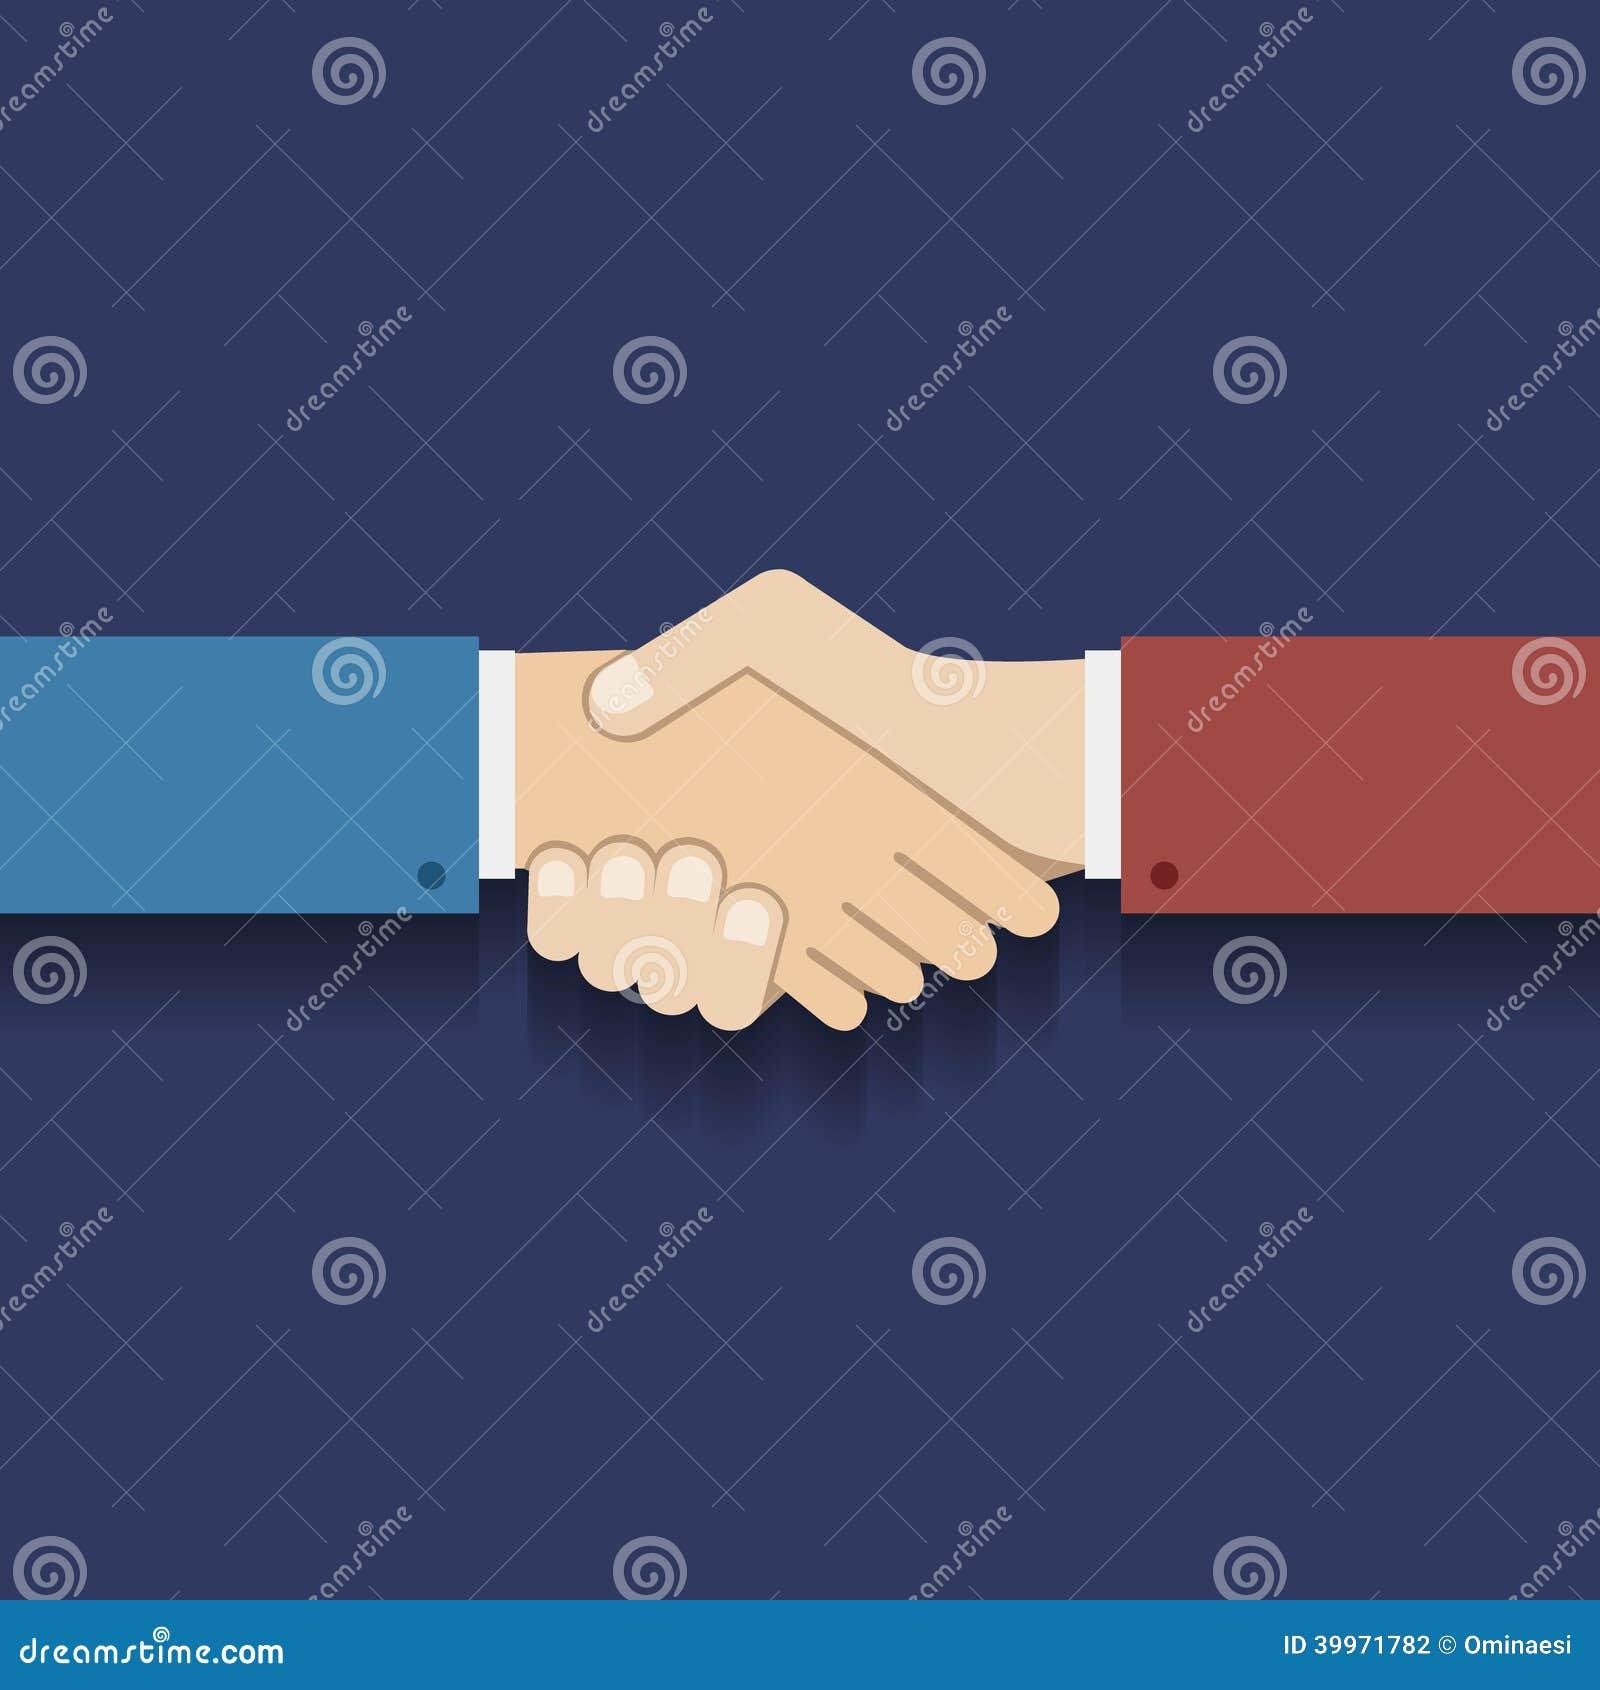 Επίπεδη διανυσματική απεικόνιση χειραψιών επιχειρηματιών συμβόλων συνεργασίας σχεδίου